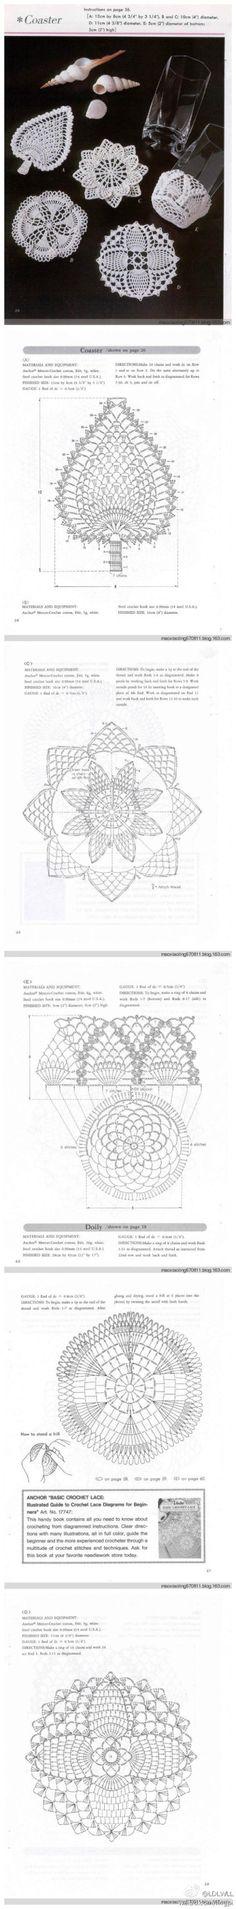 Crochet motifs patterns